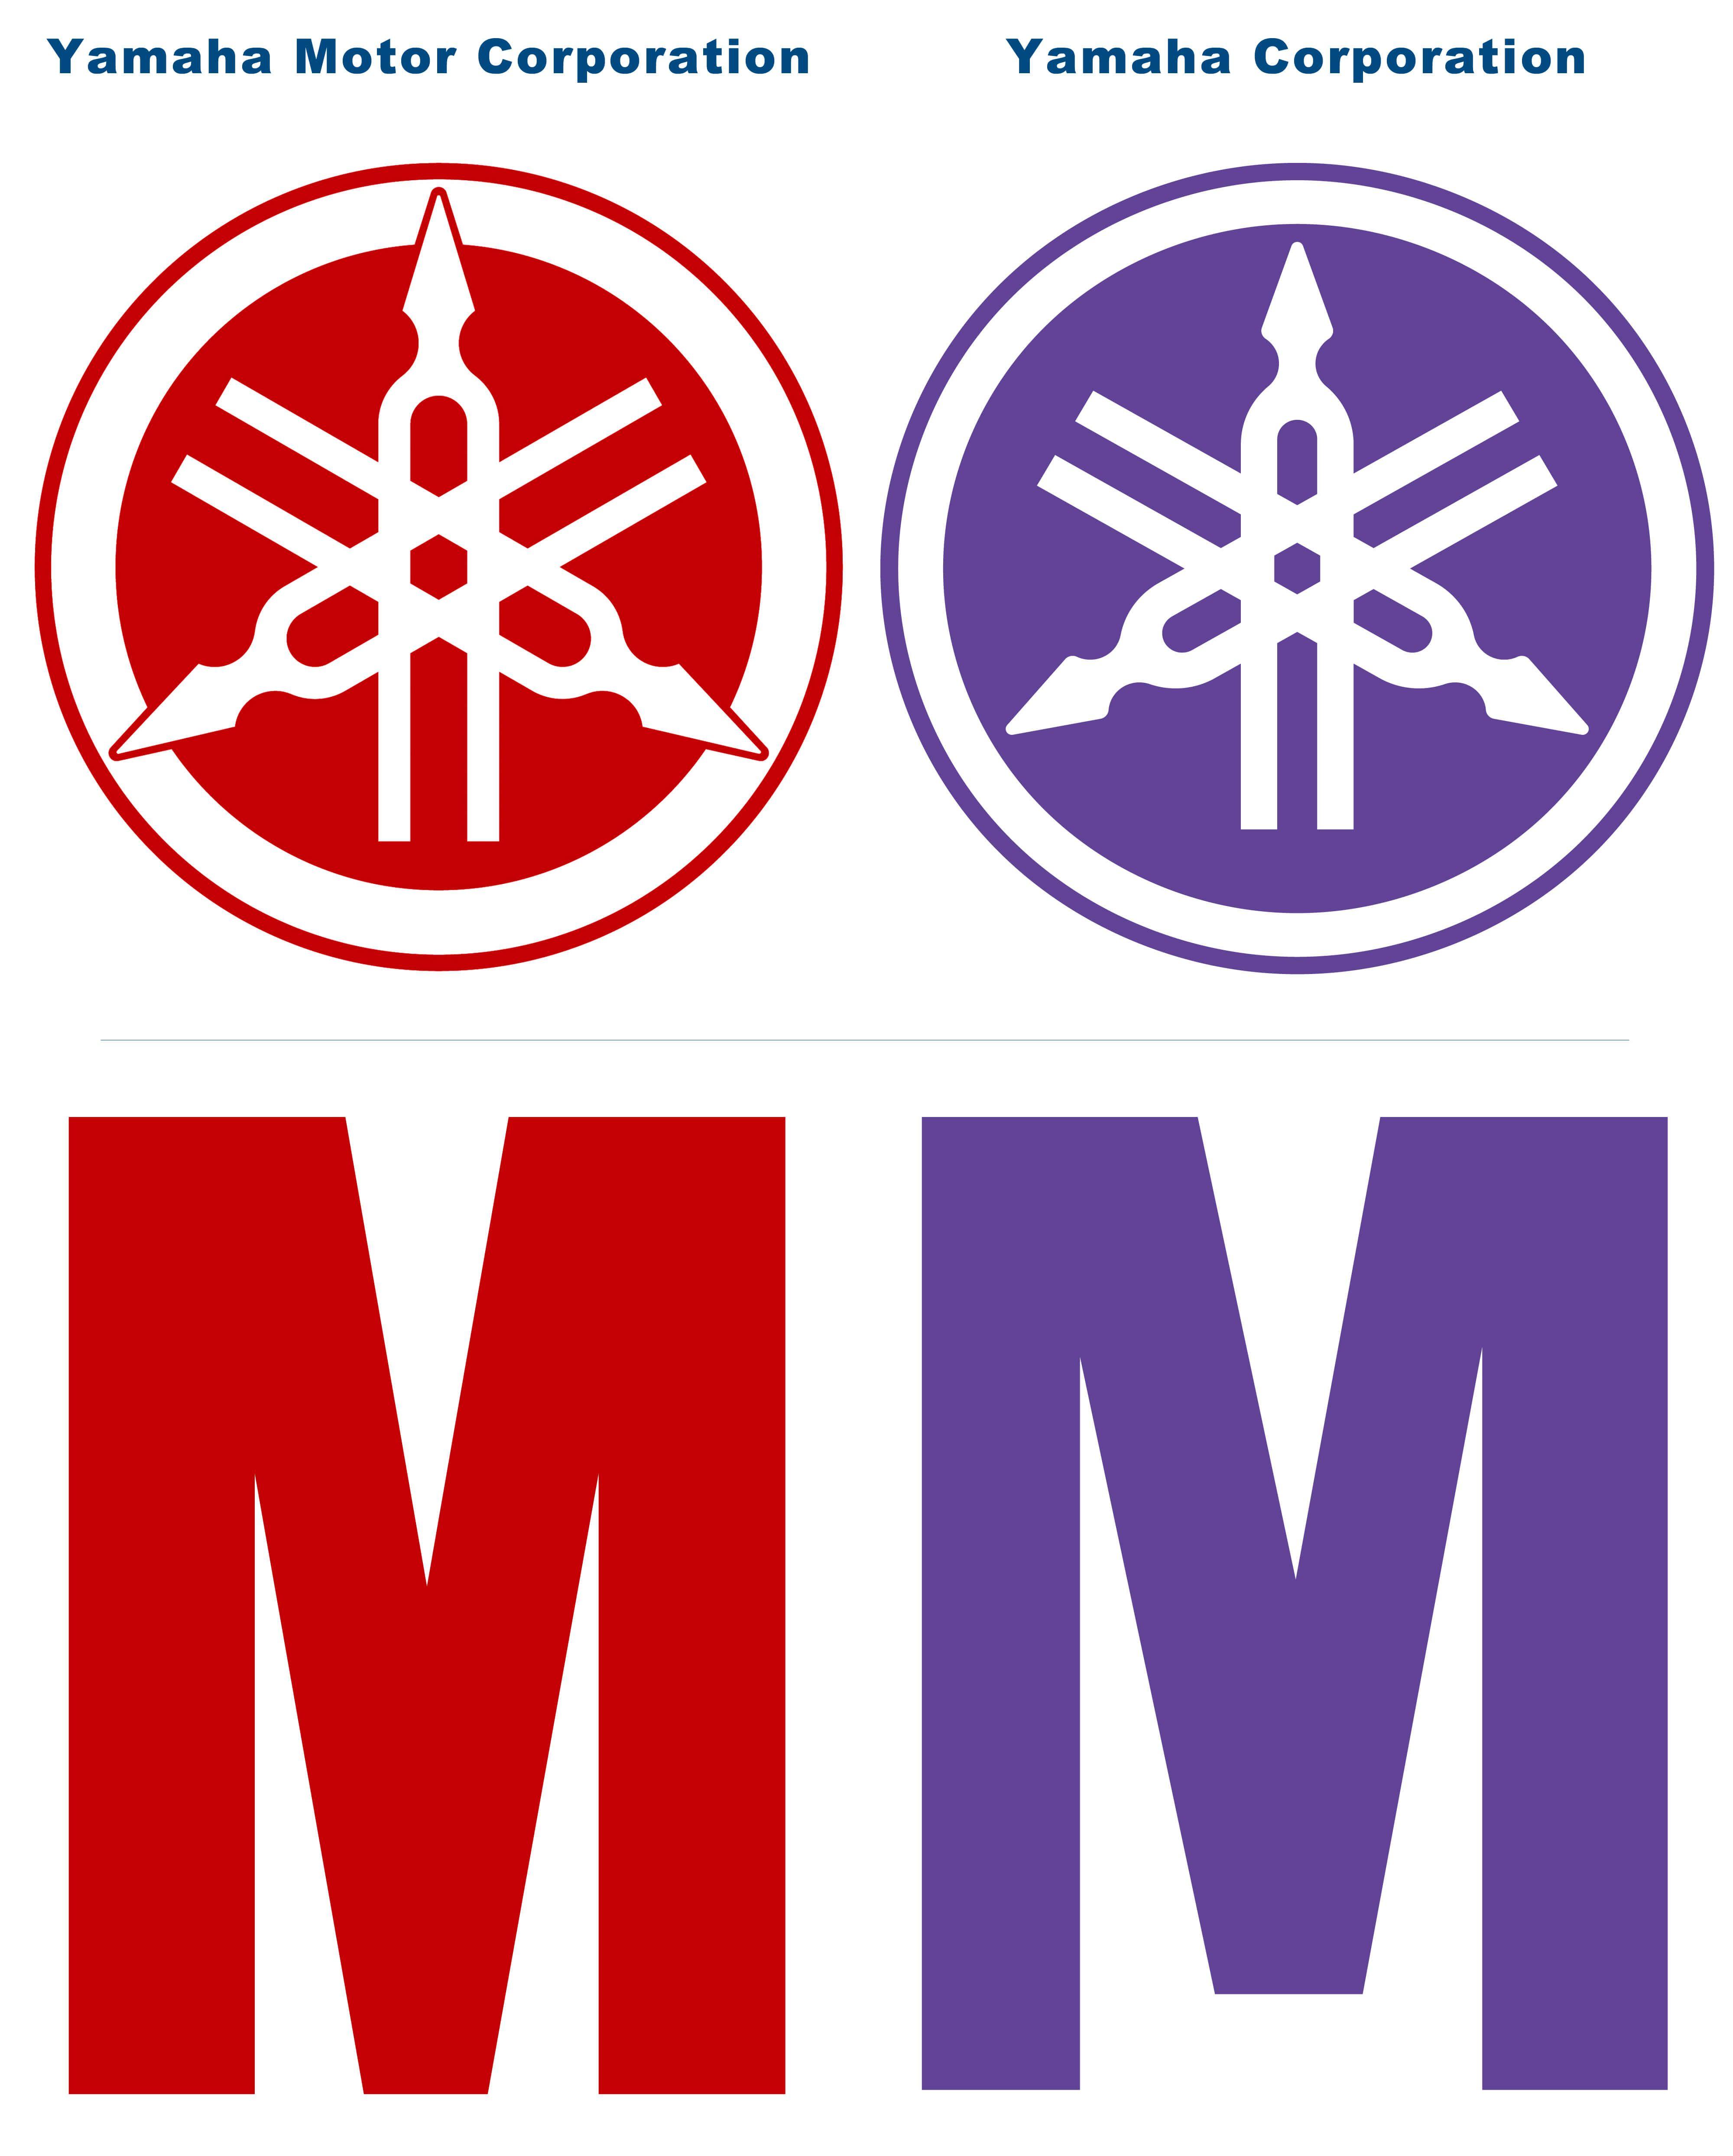 hight resolution of yamaha emblems yamaha logo yamaha motorcycles motorcycle logo motor company yamaha motorbikes